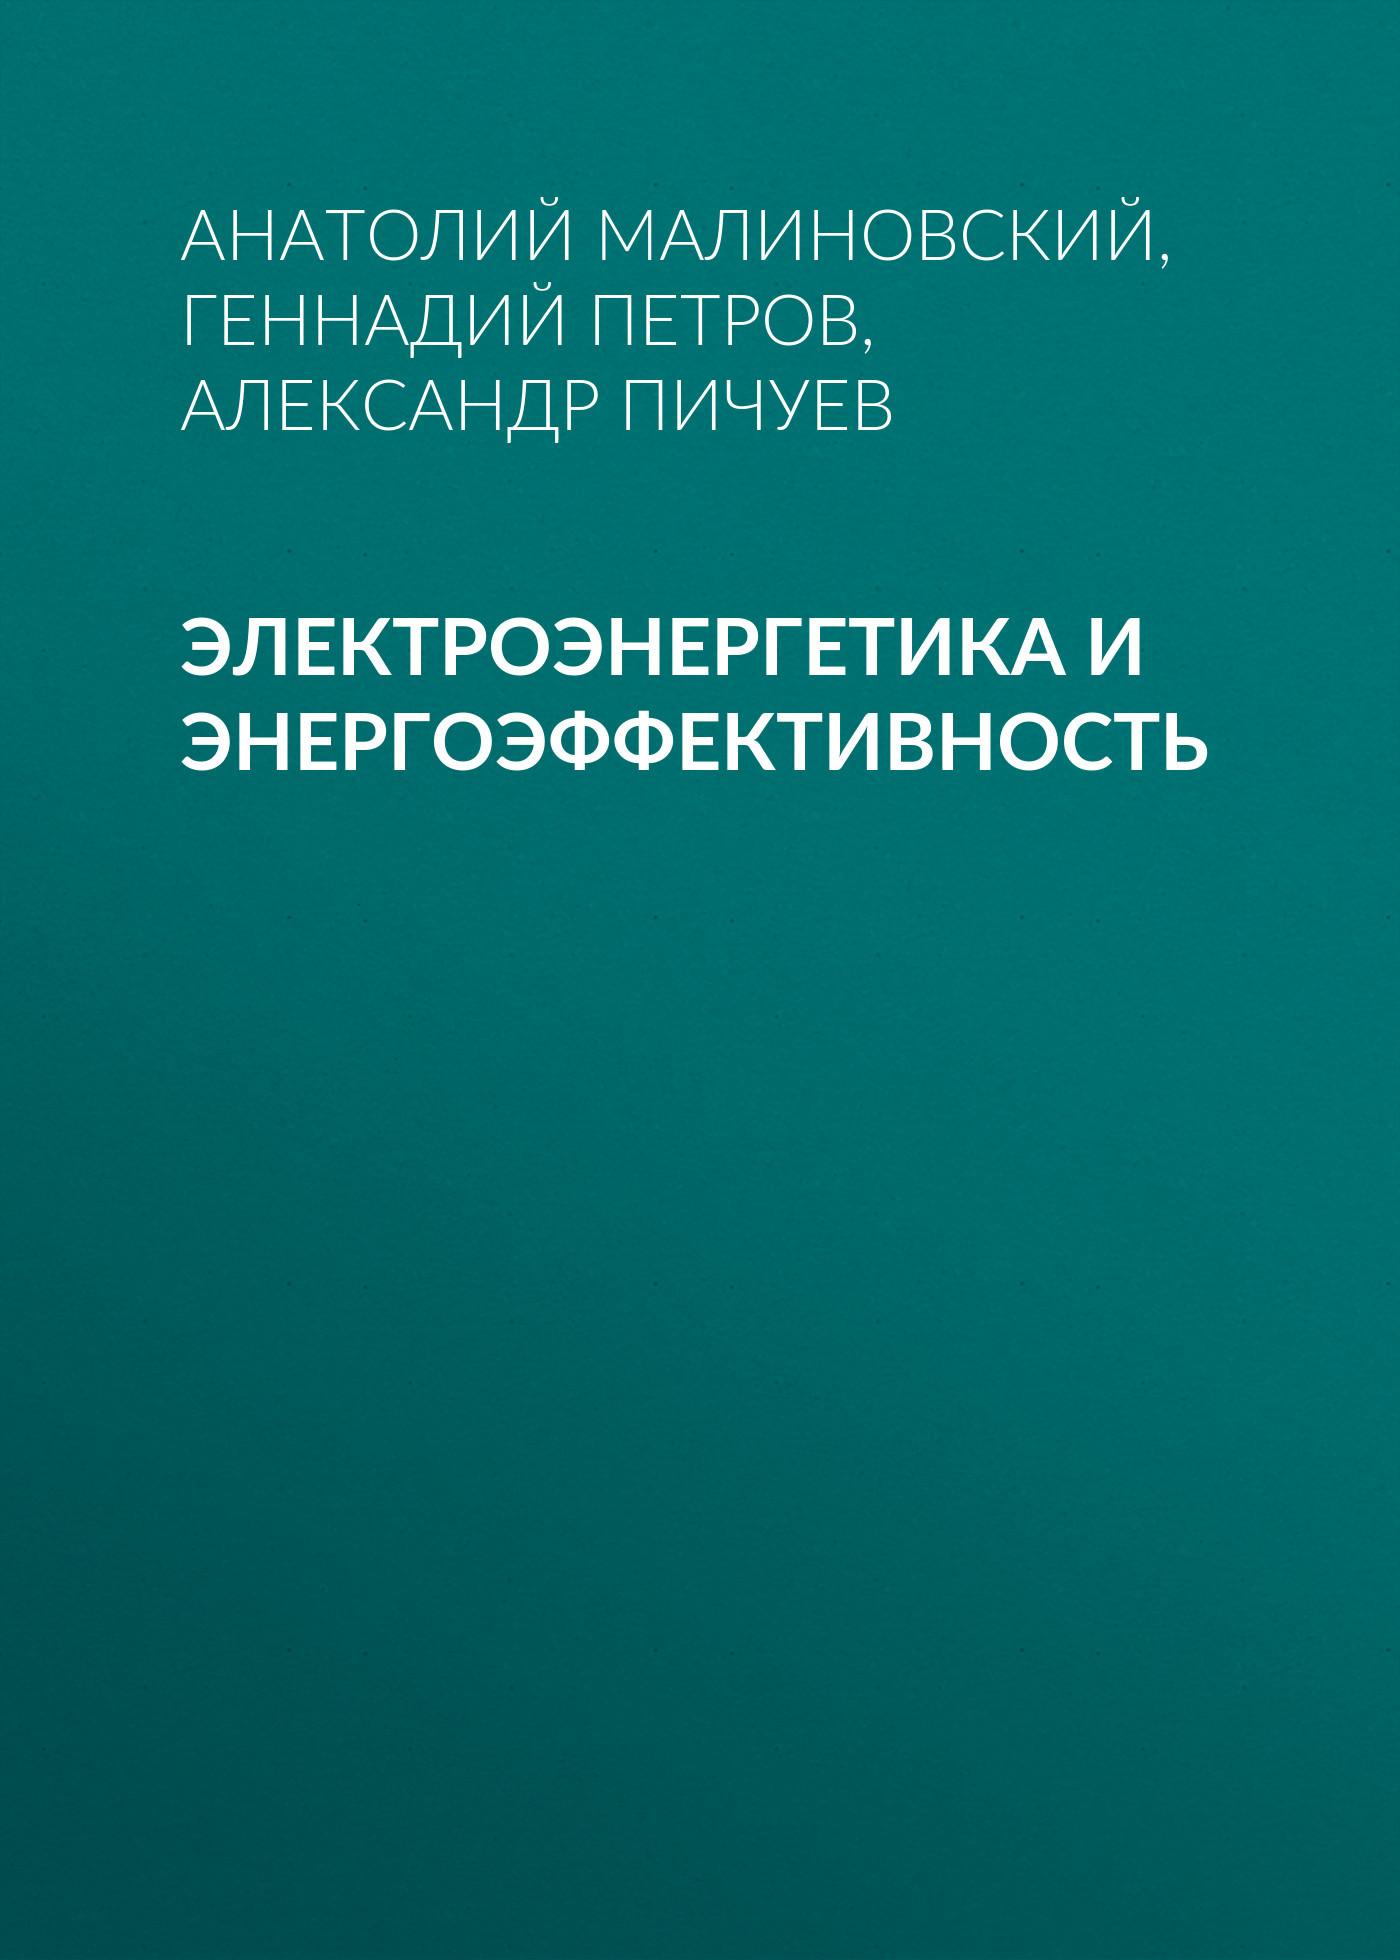 Анатолий Малиновский. Электроэнергетика и энергоэффективность